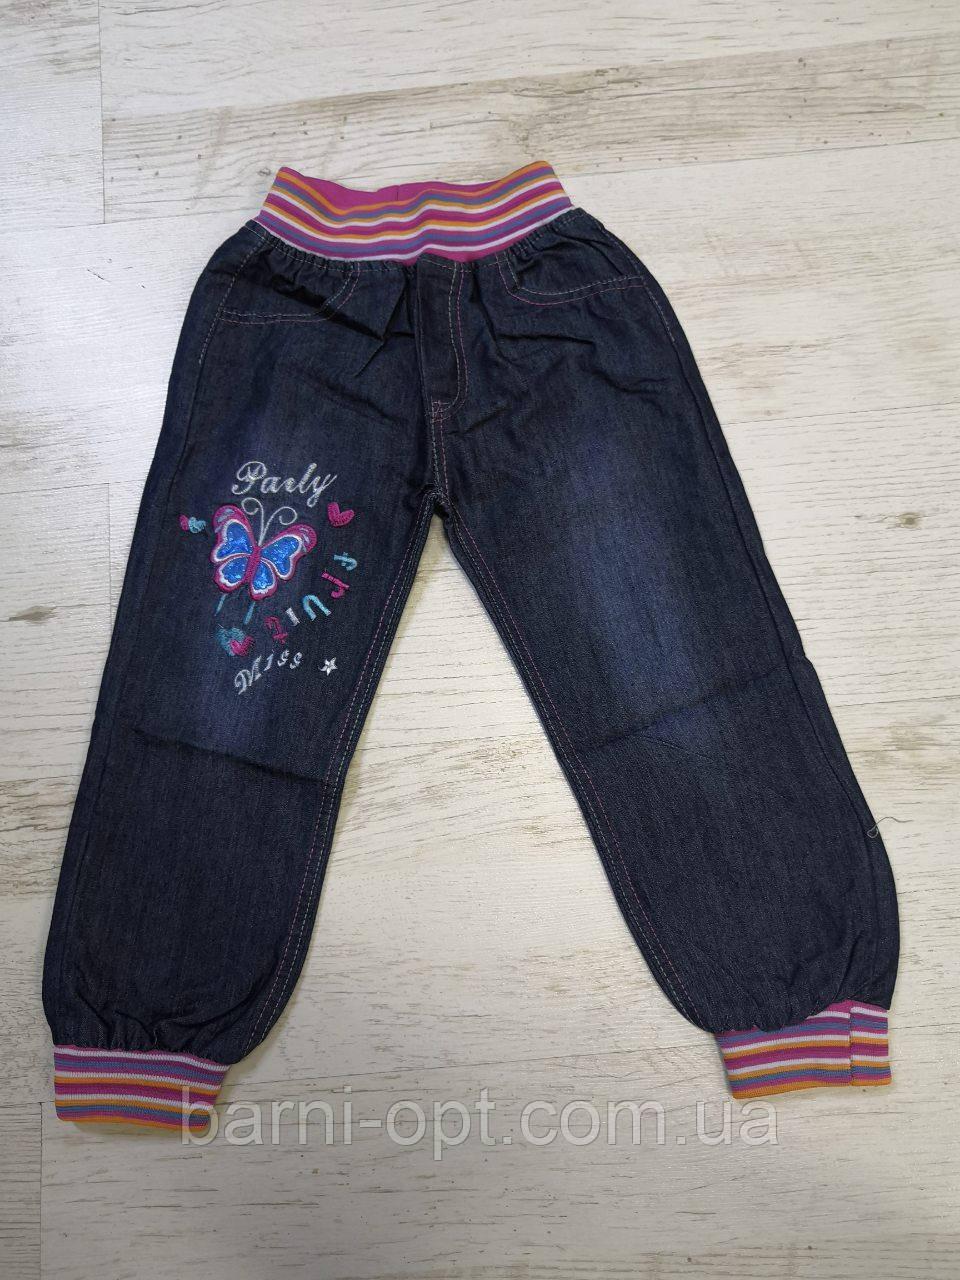 Джинсовые брюки на девочку оптом, Sincere , 98-128 рр.